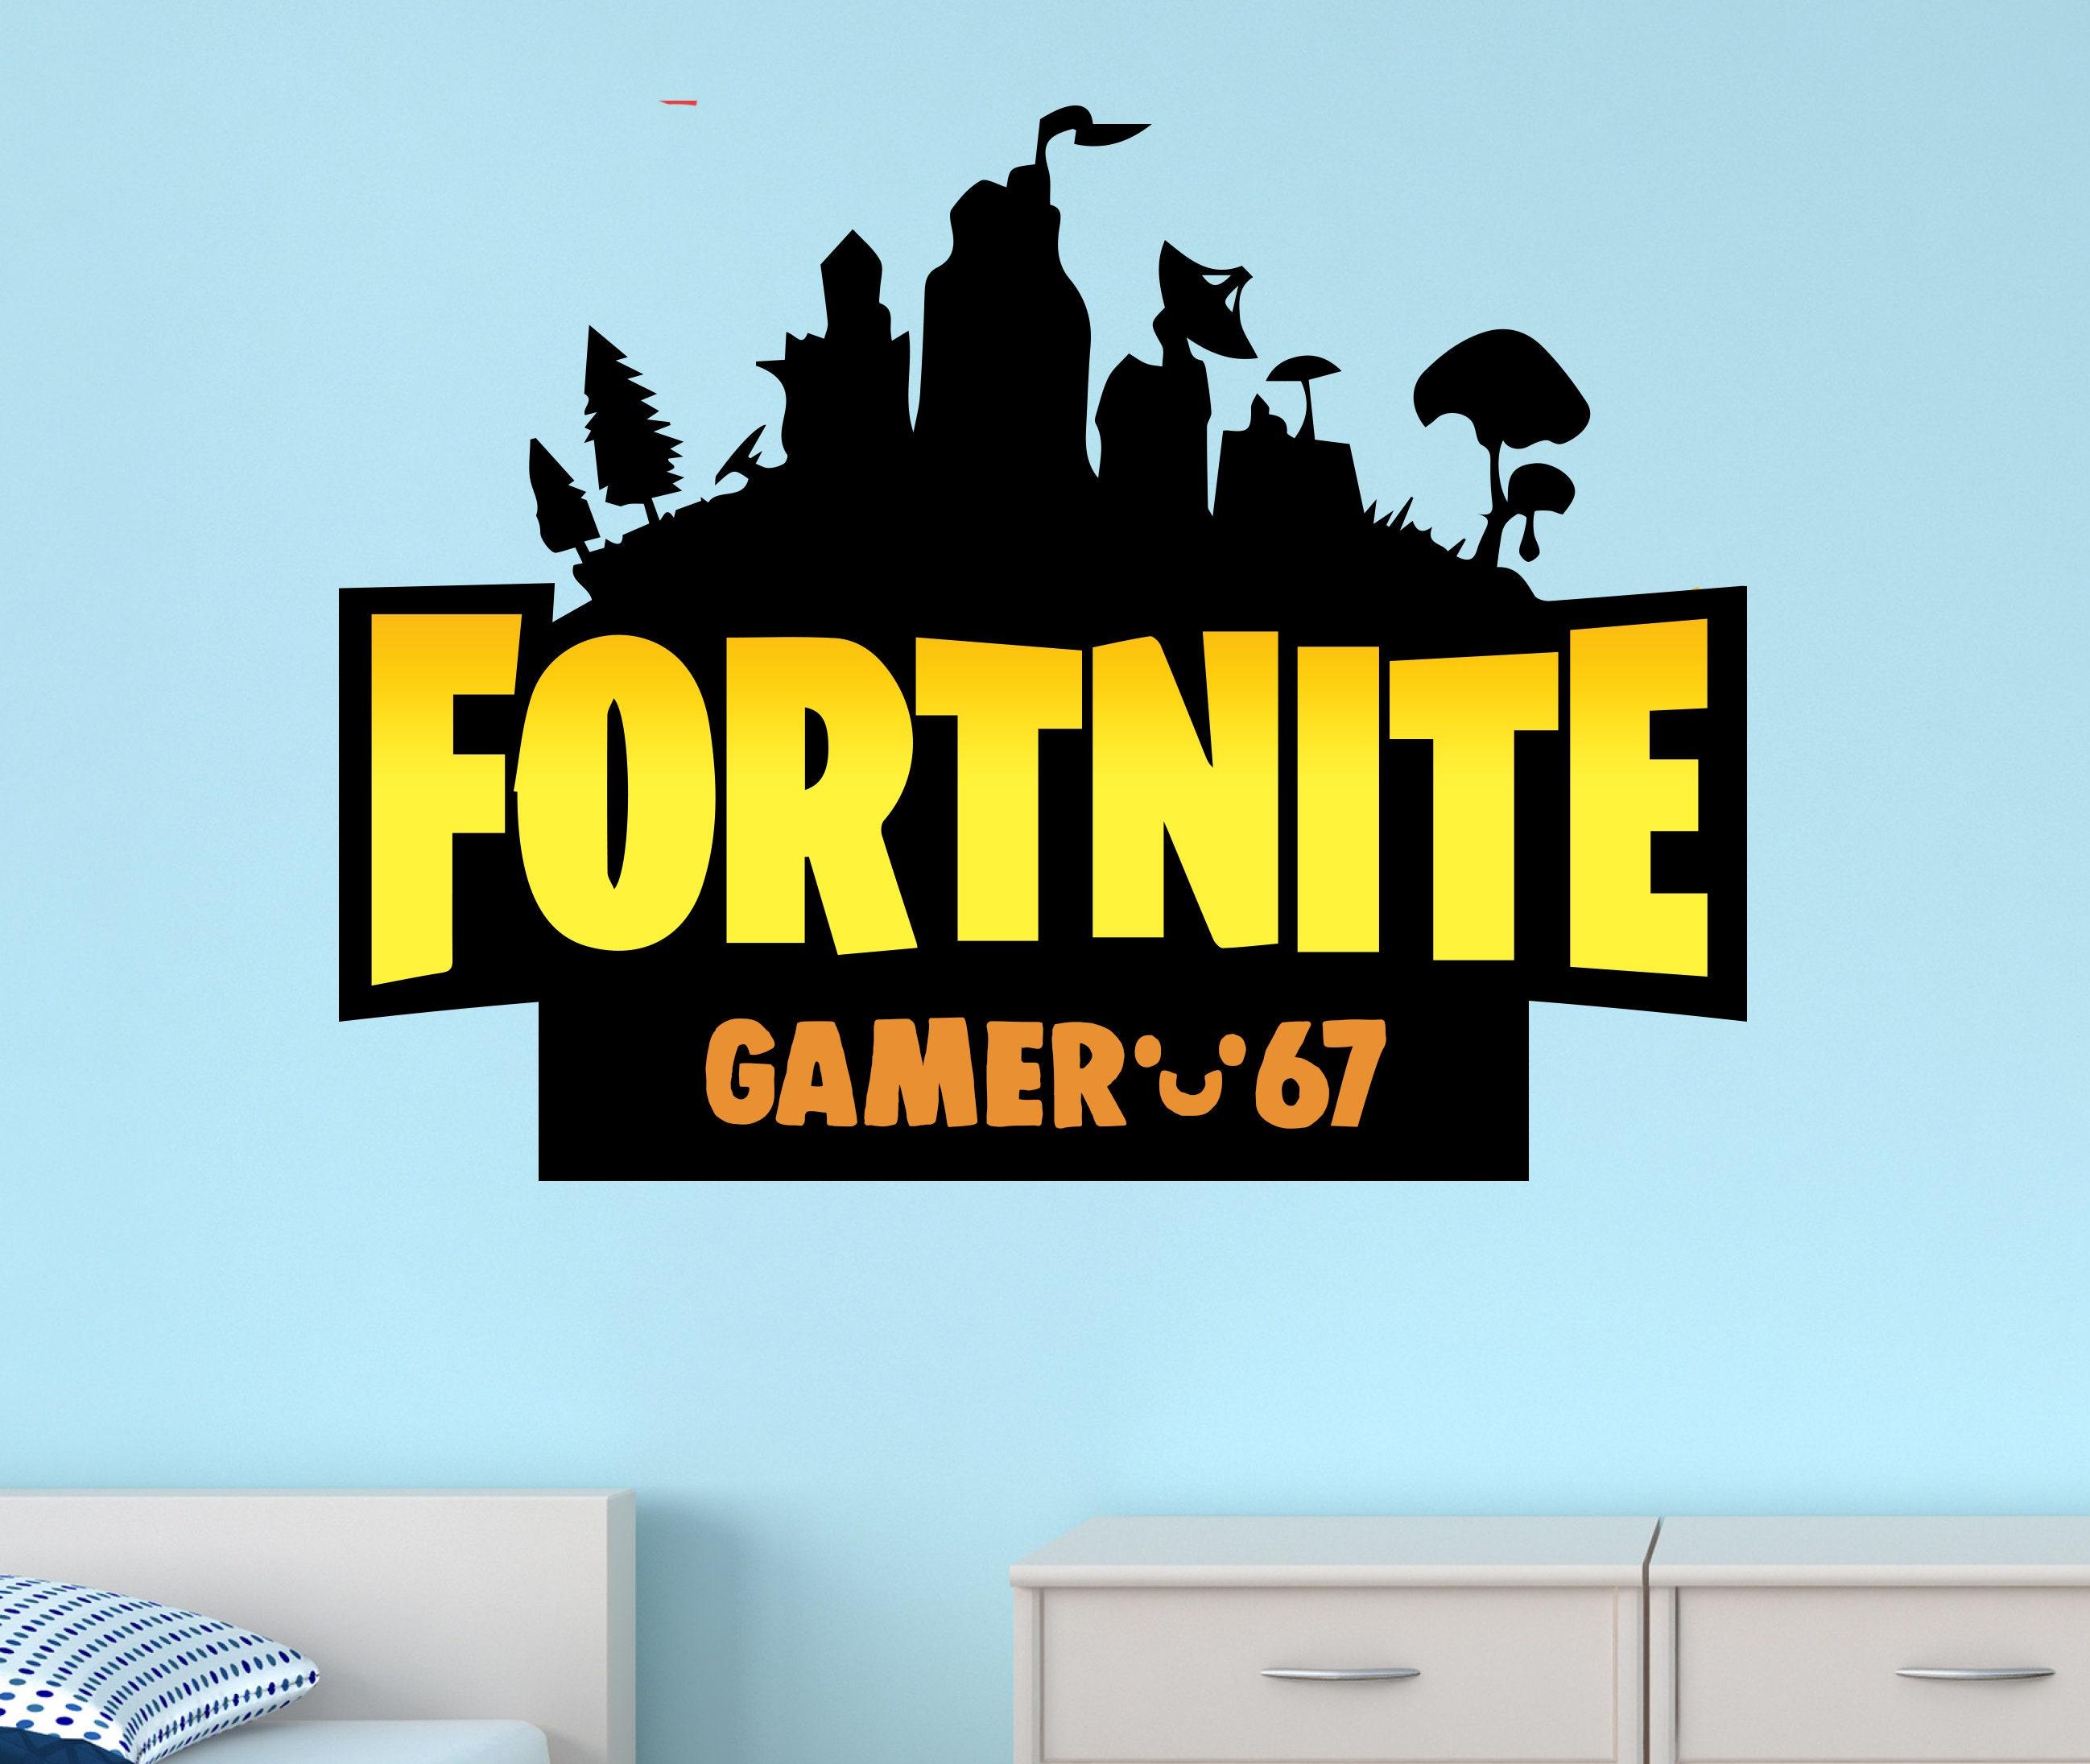 Fortnite Sticker Fortnite Kids Custom Name Gamertag Wall | Etsy